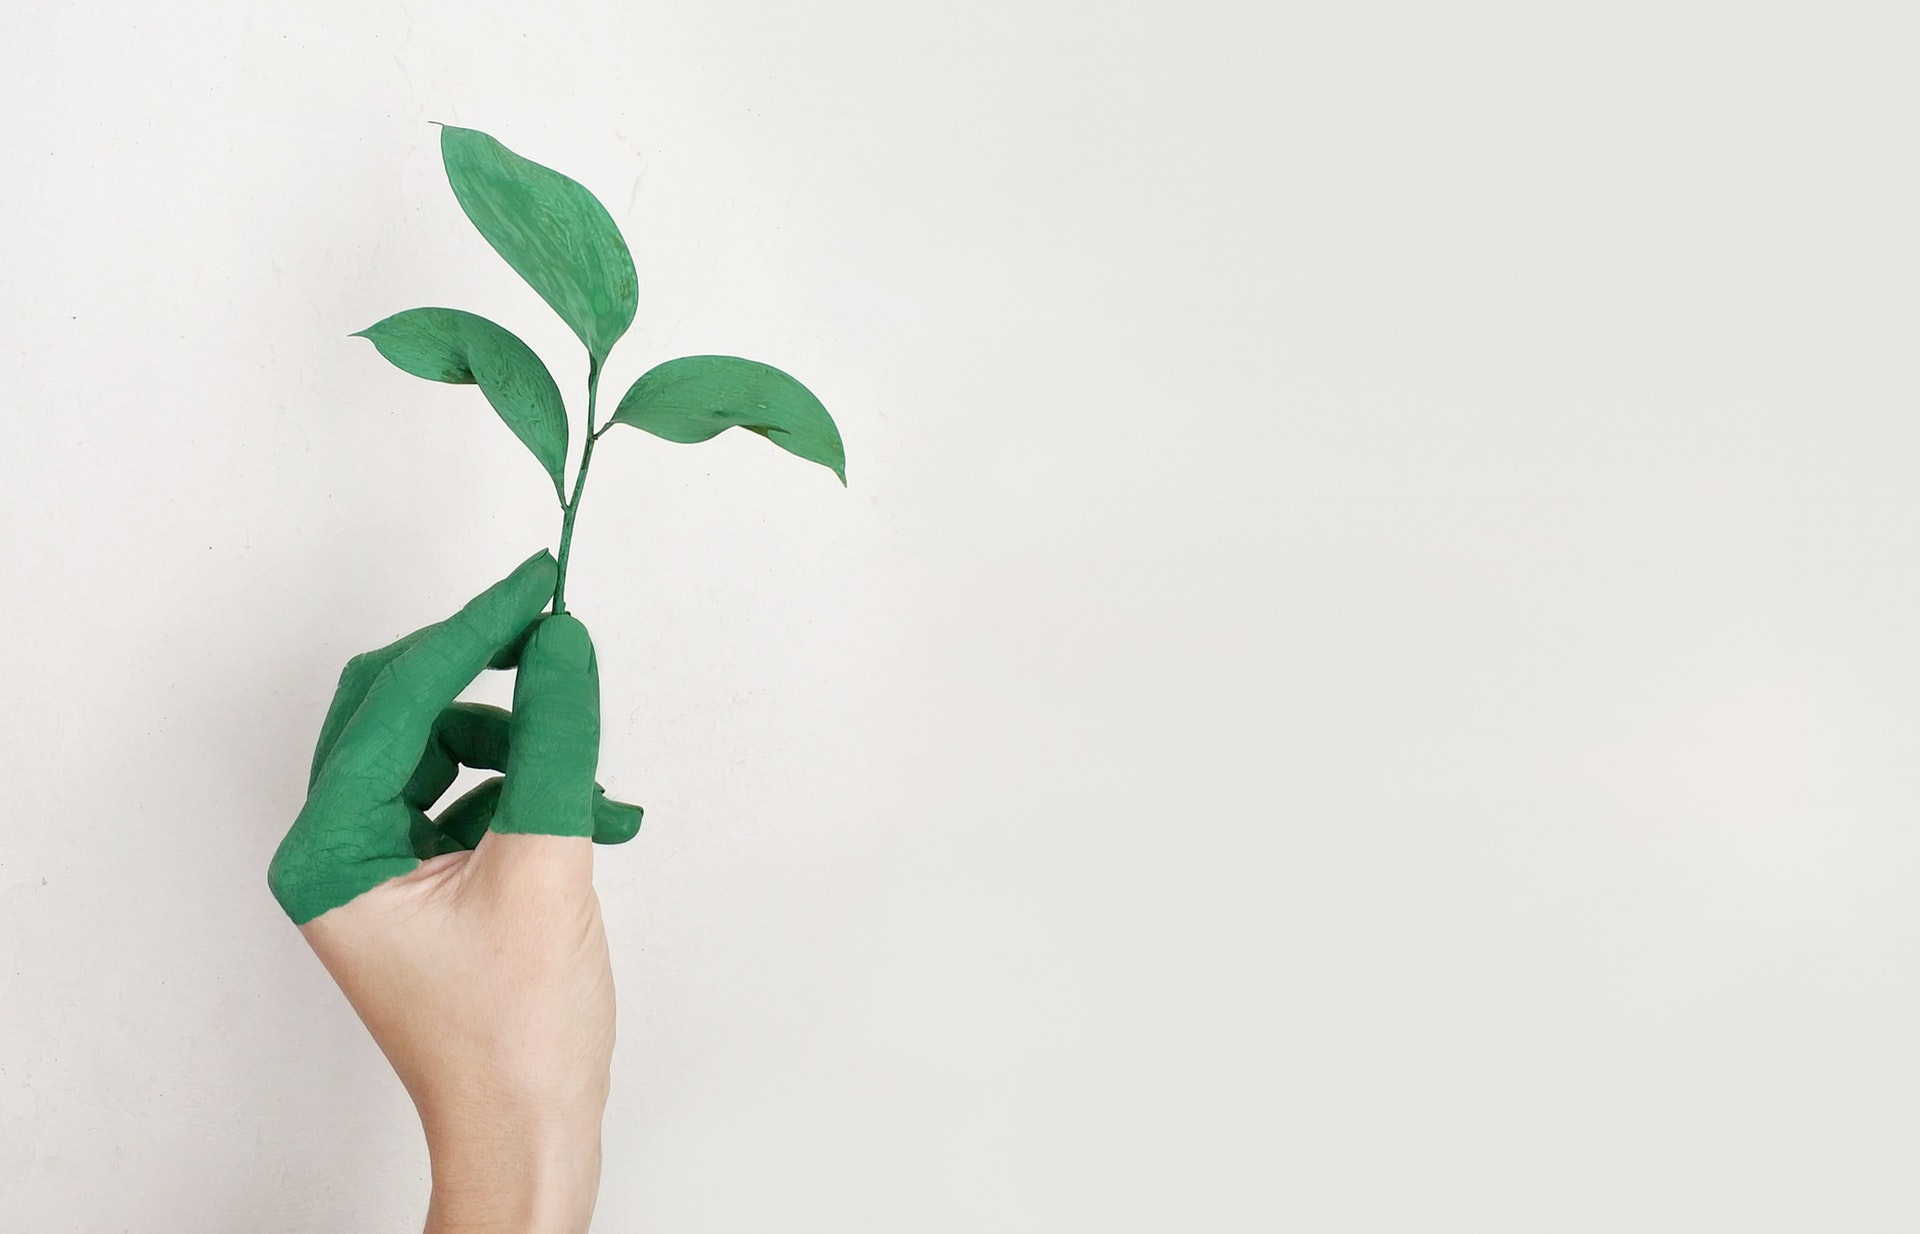 ecologia sostenibilità